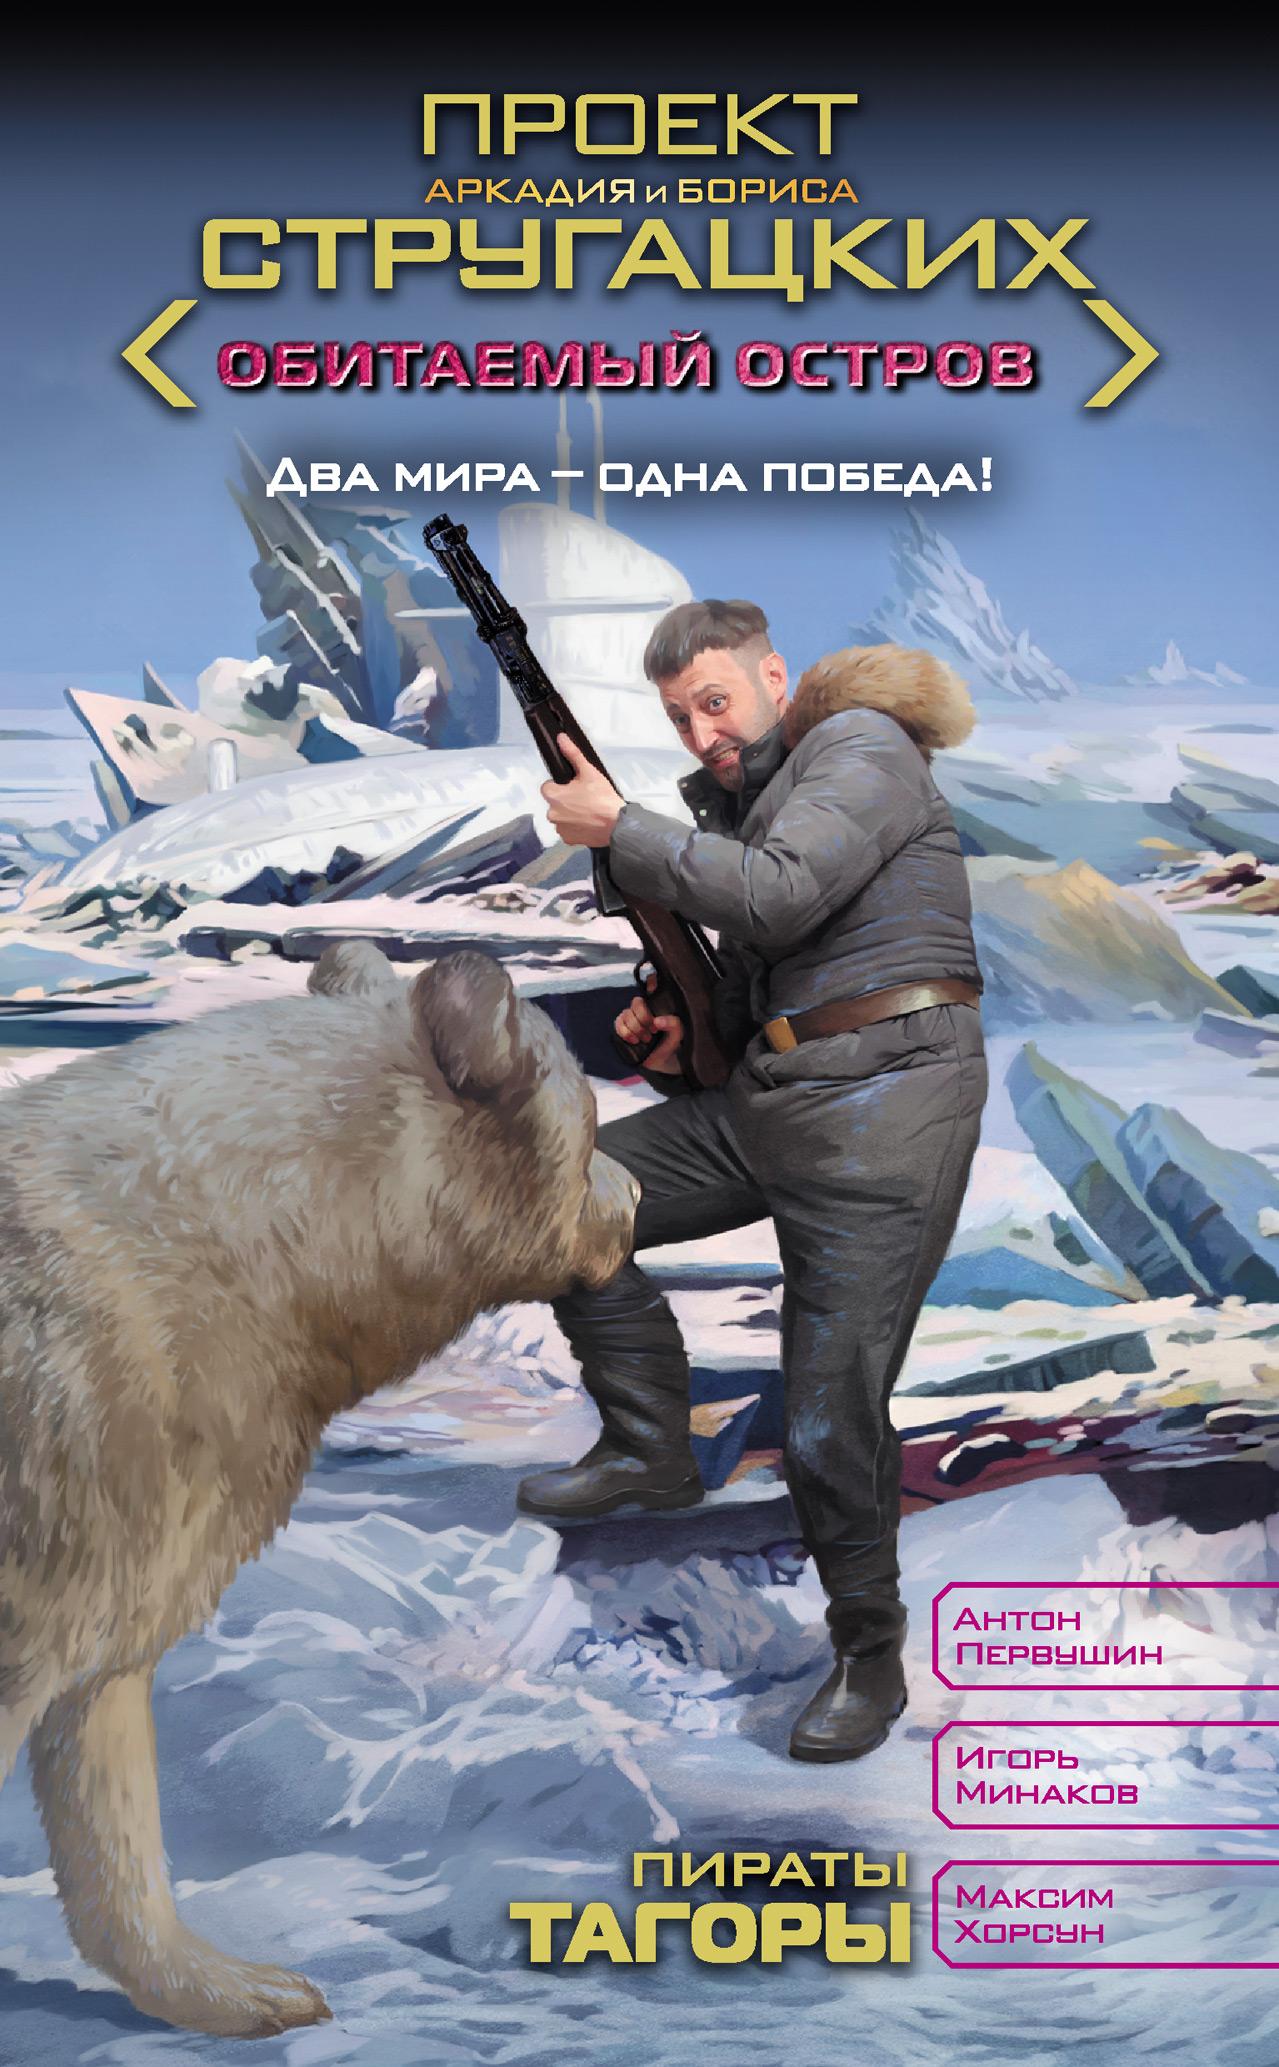 Антон Первушин Пираты Тагоры ричард саква линия фронта украина кризис на приграничных территориях